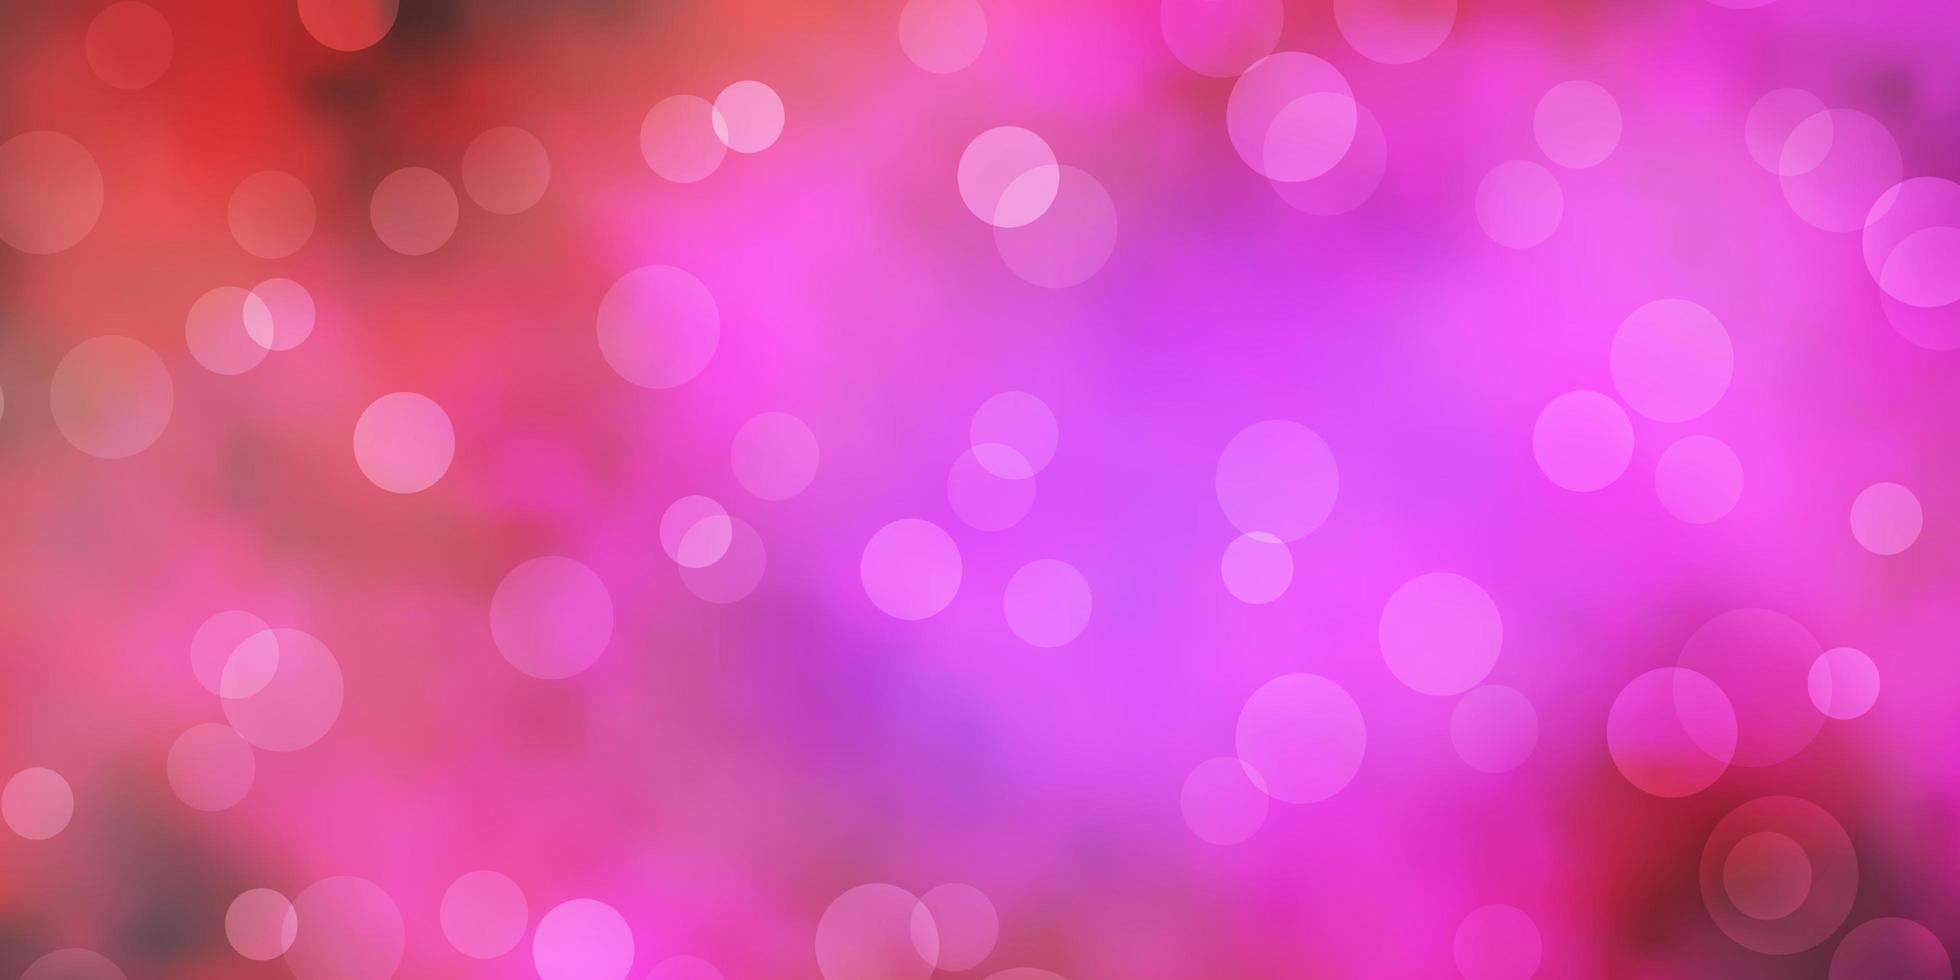 mörkrosa vektorlayout med cirkelformer. vektor